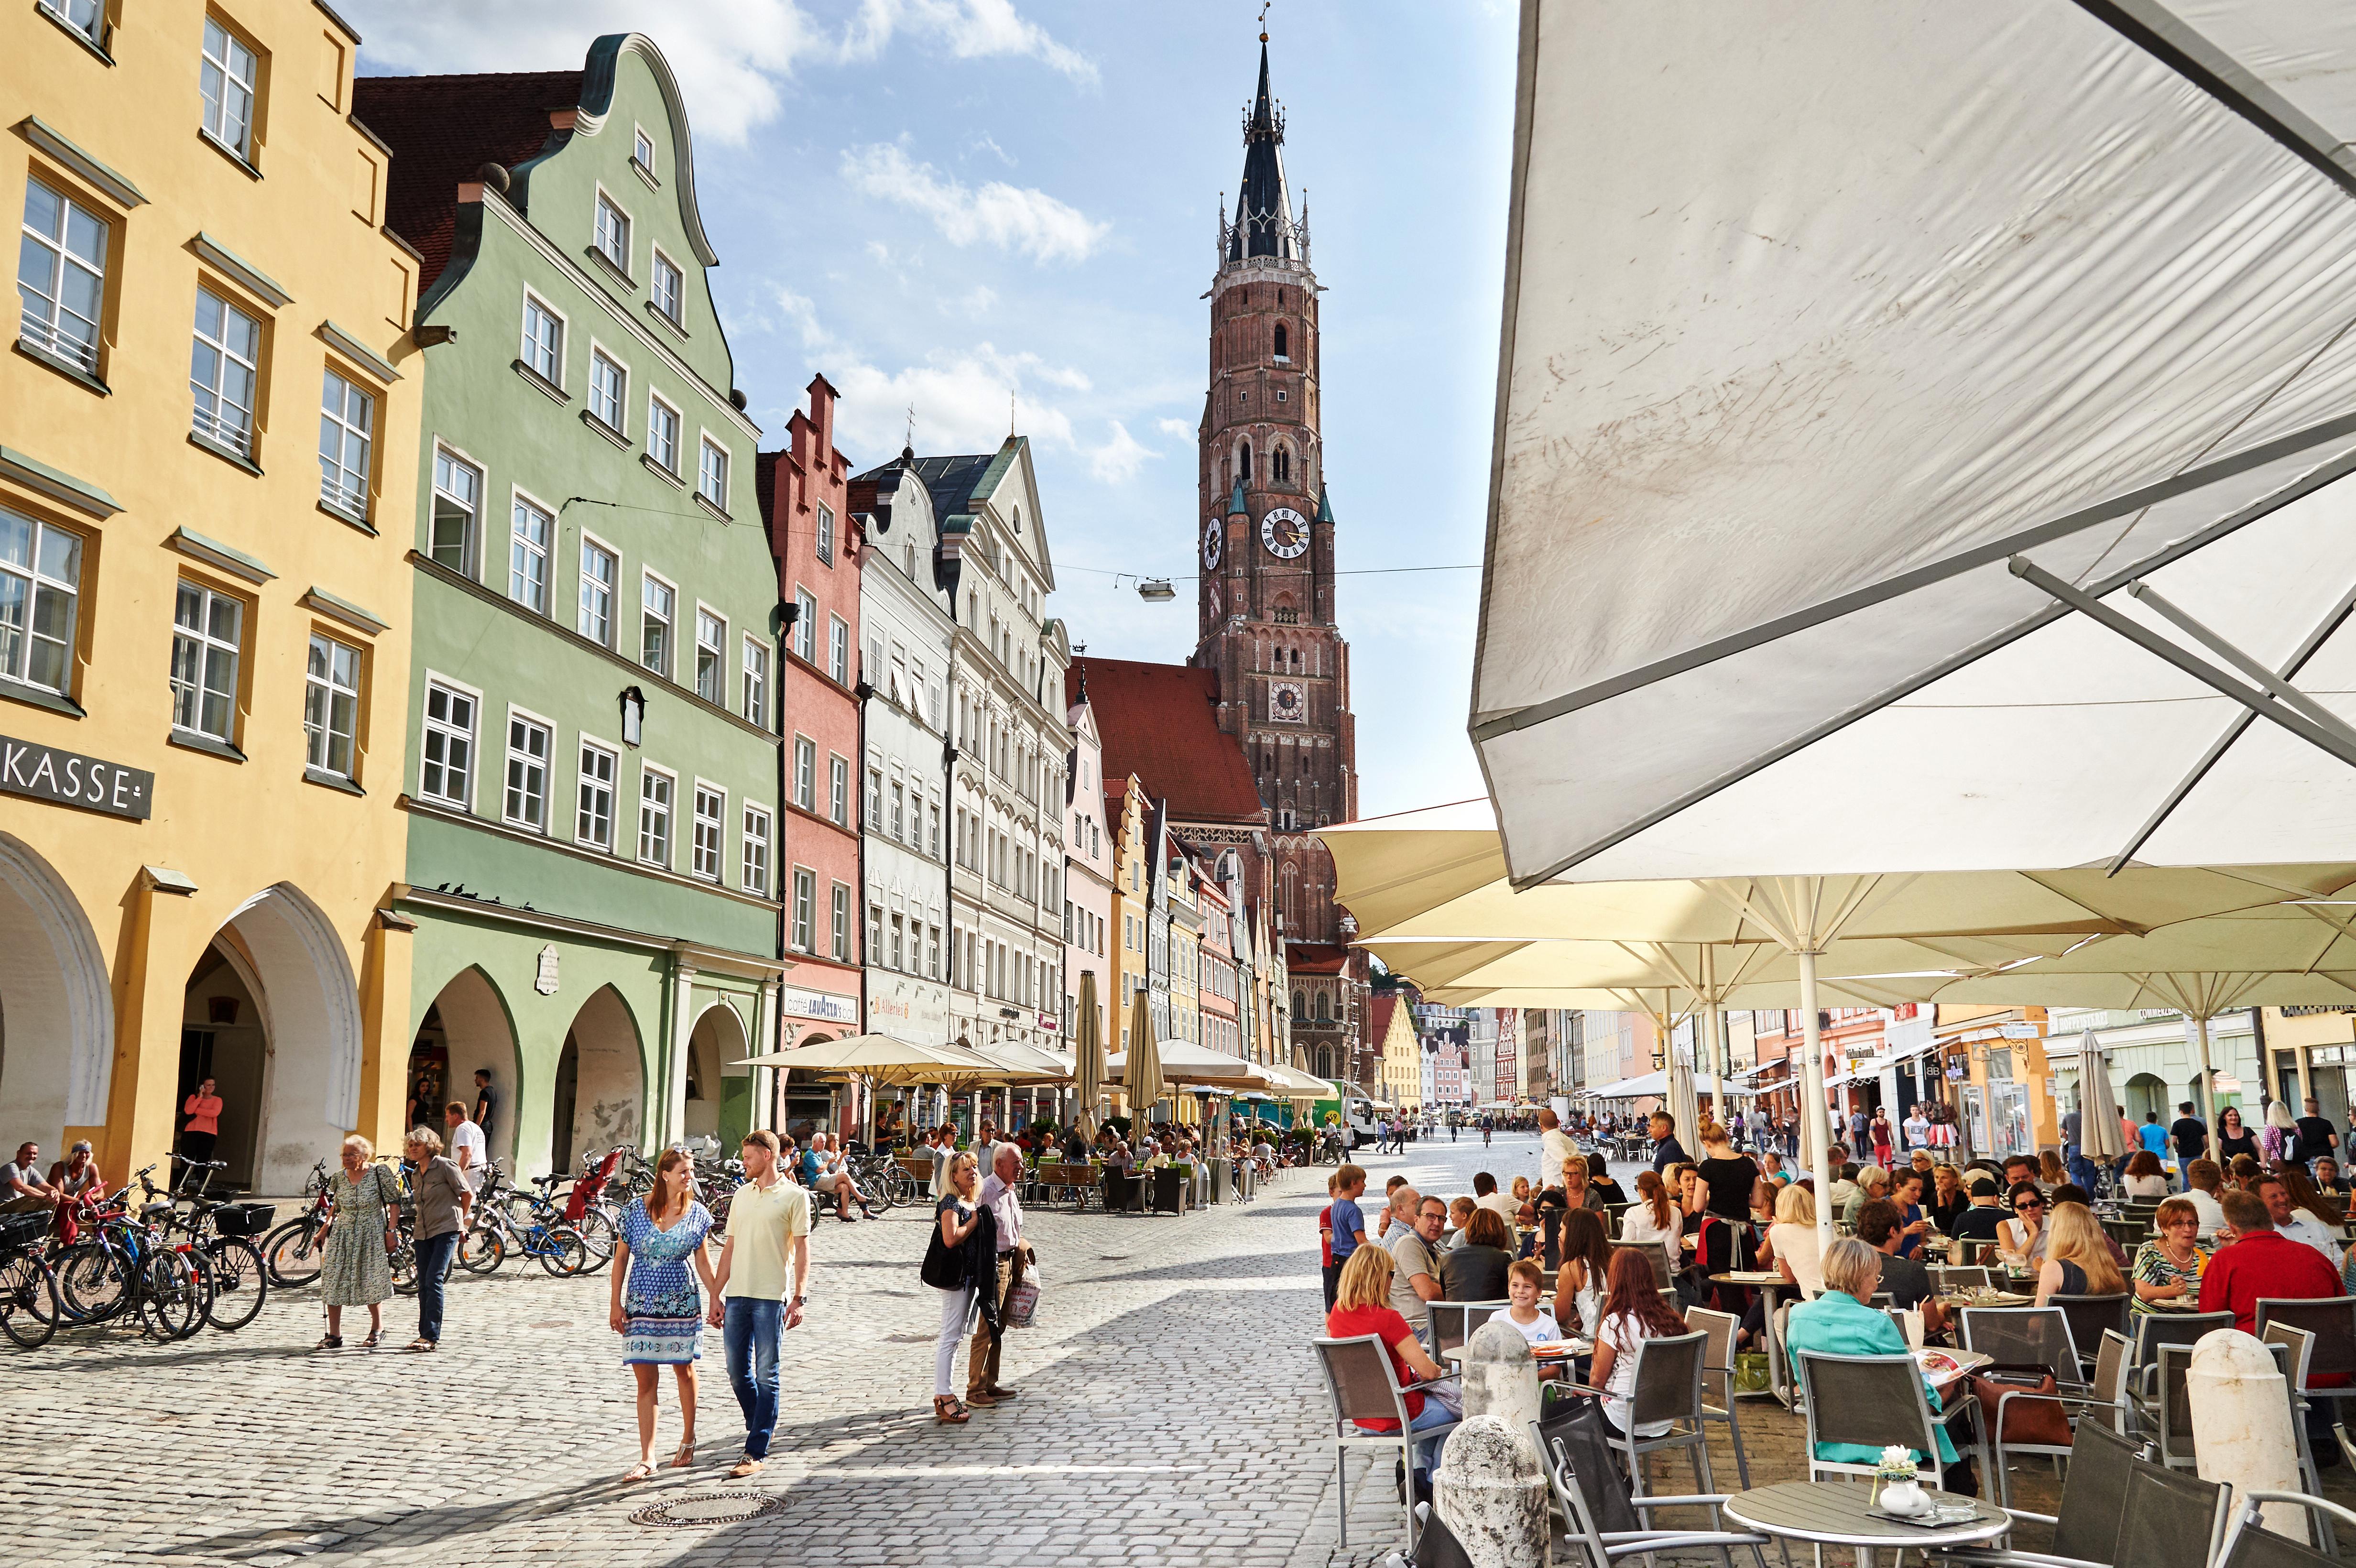 Die wunderschöne Altstadt in der niederbayerischen Hauptstadt Landshut